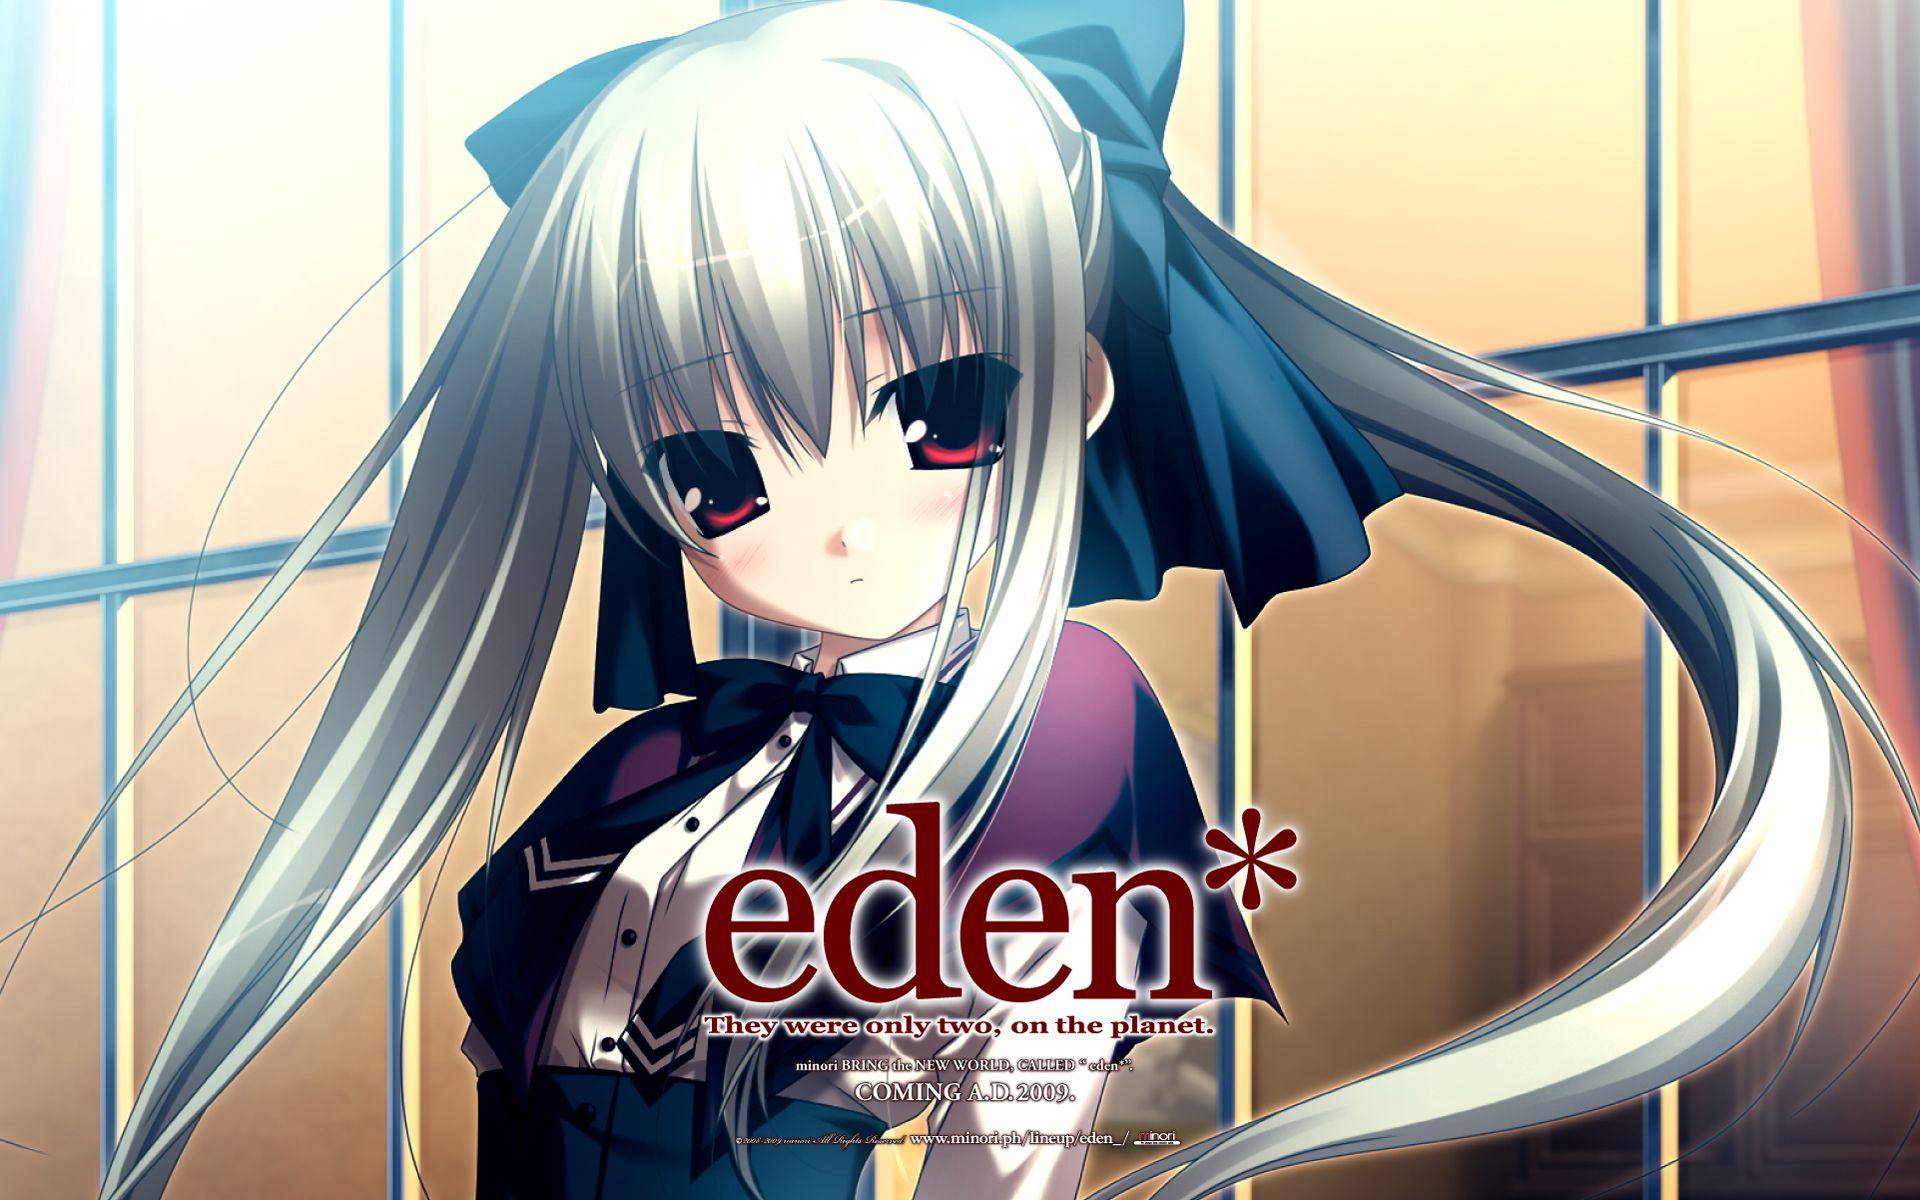 edenwall02-1920x1200.jpg